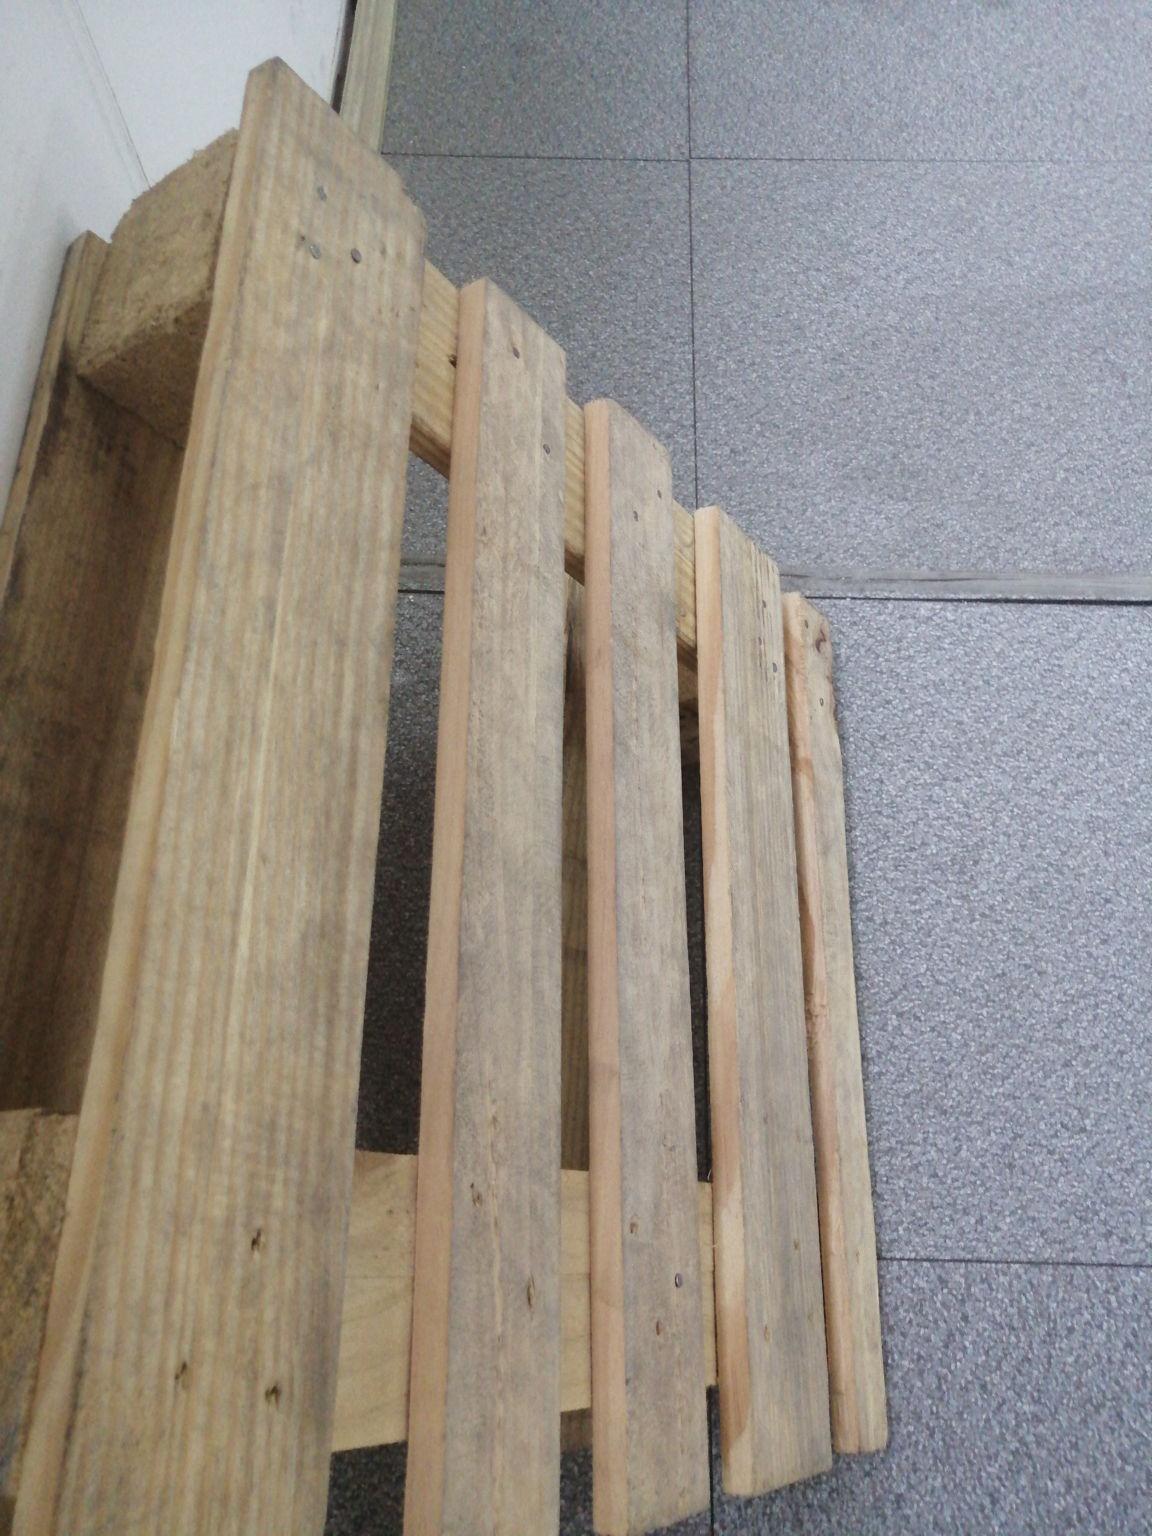 昆山定制胶合木托盘厂家批发定制各种花样胶合木托盘模